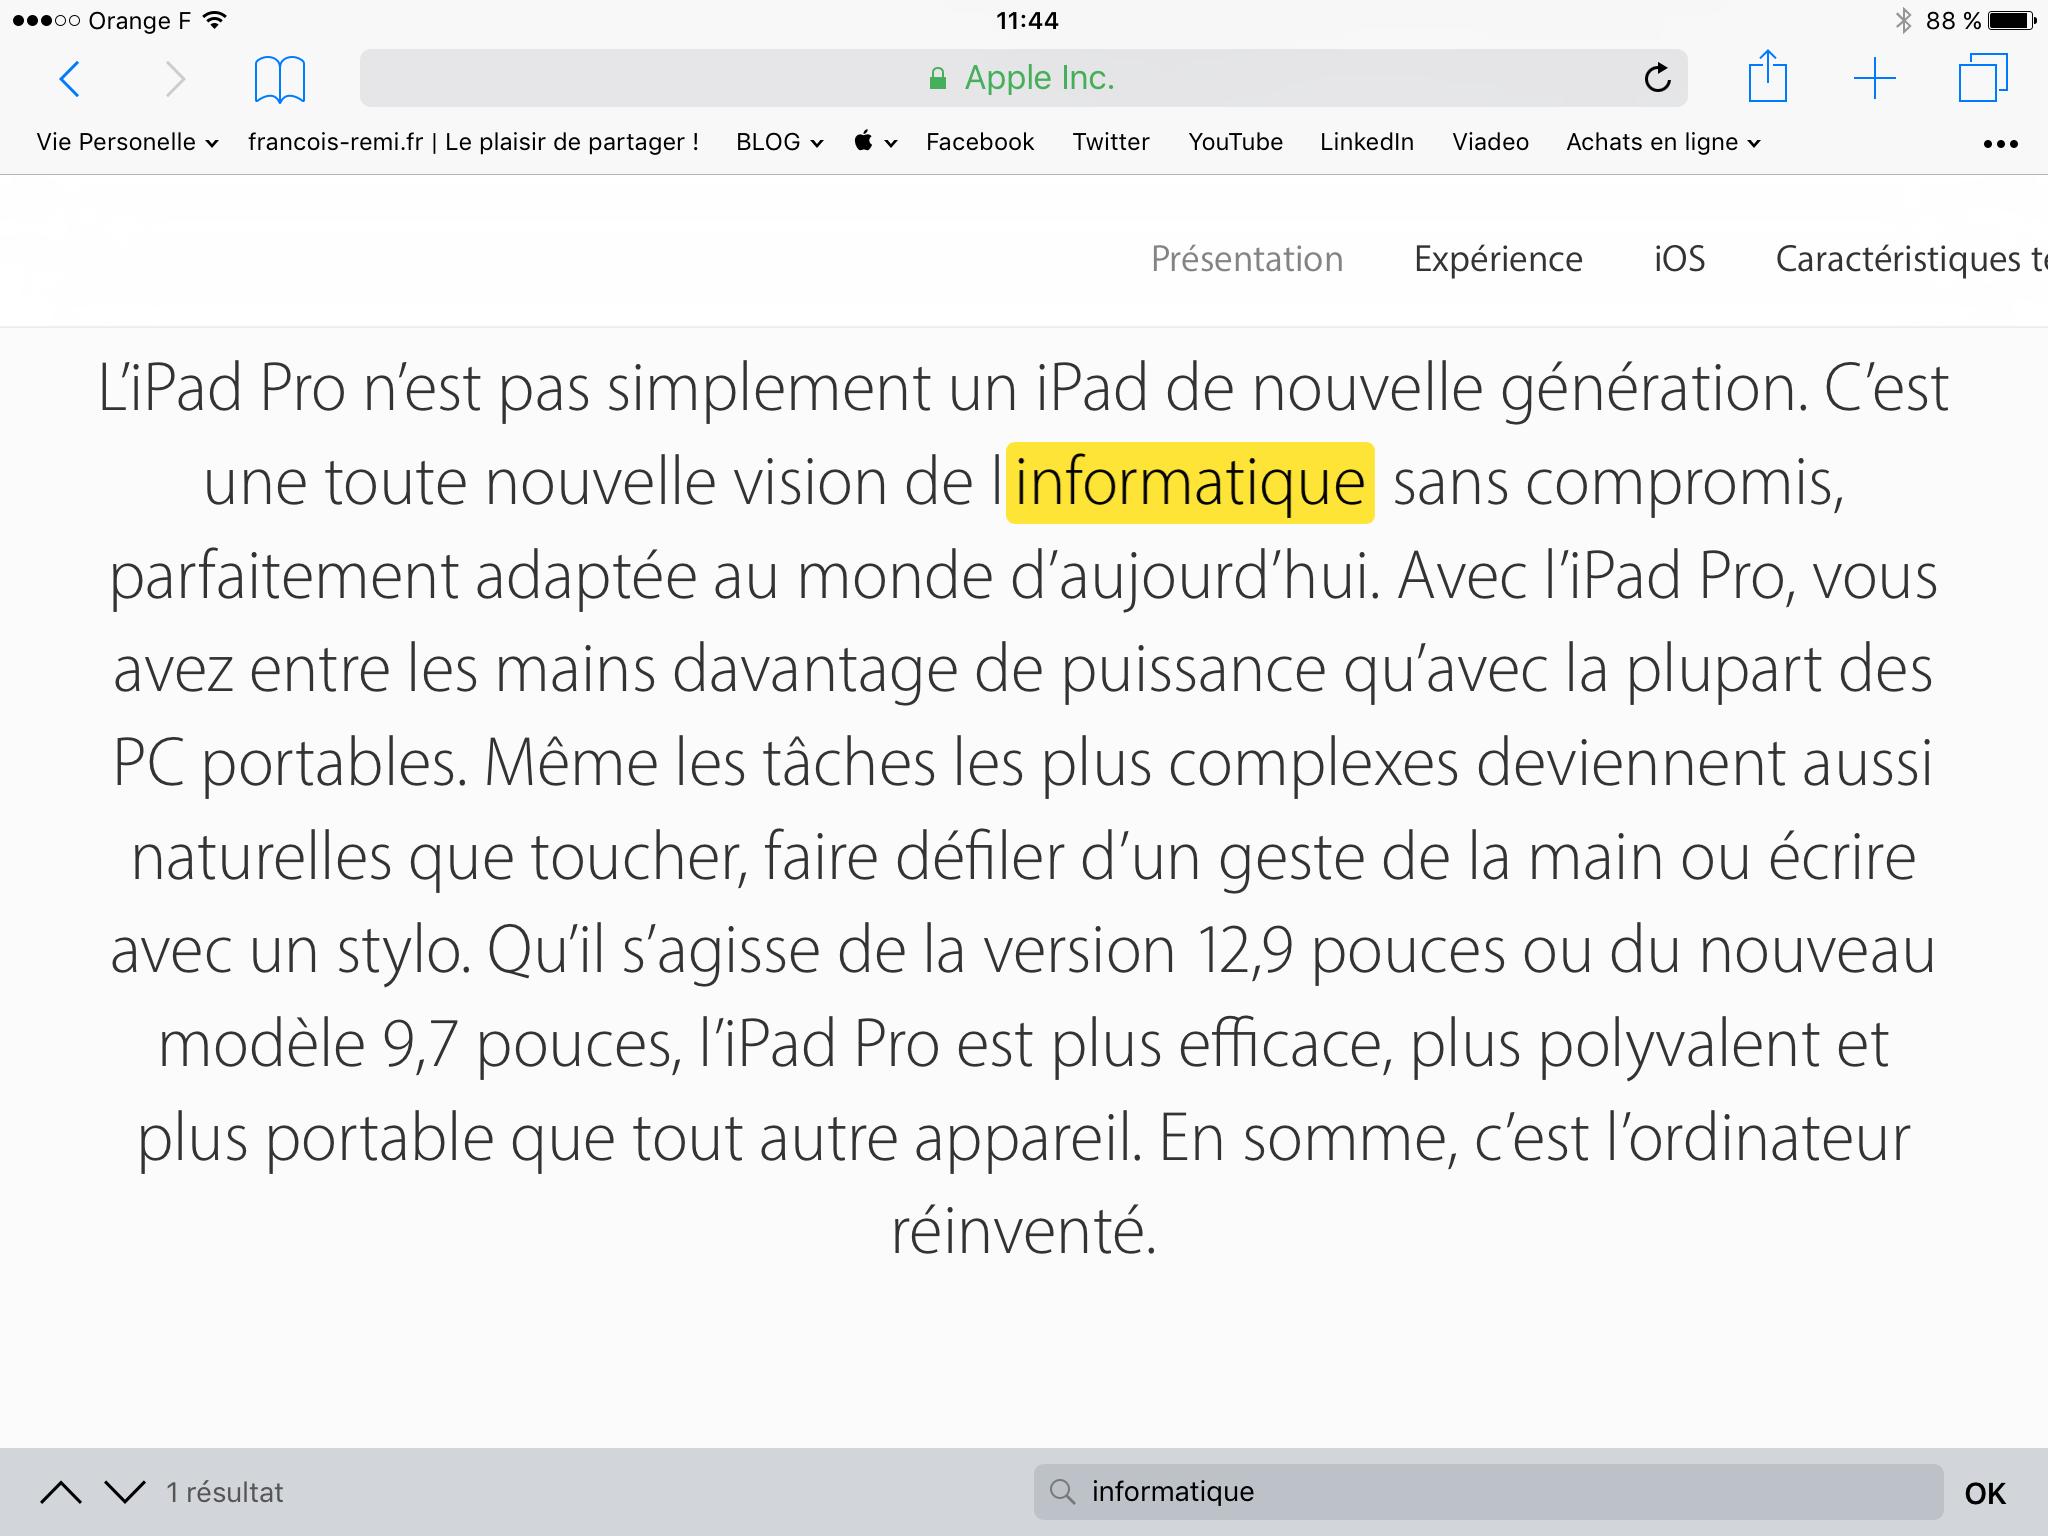 20170216 Comment rechercher un mot dans une page Internet sur iPad et iPhone 00004